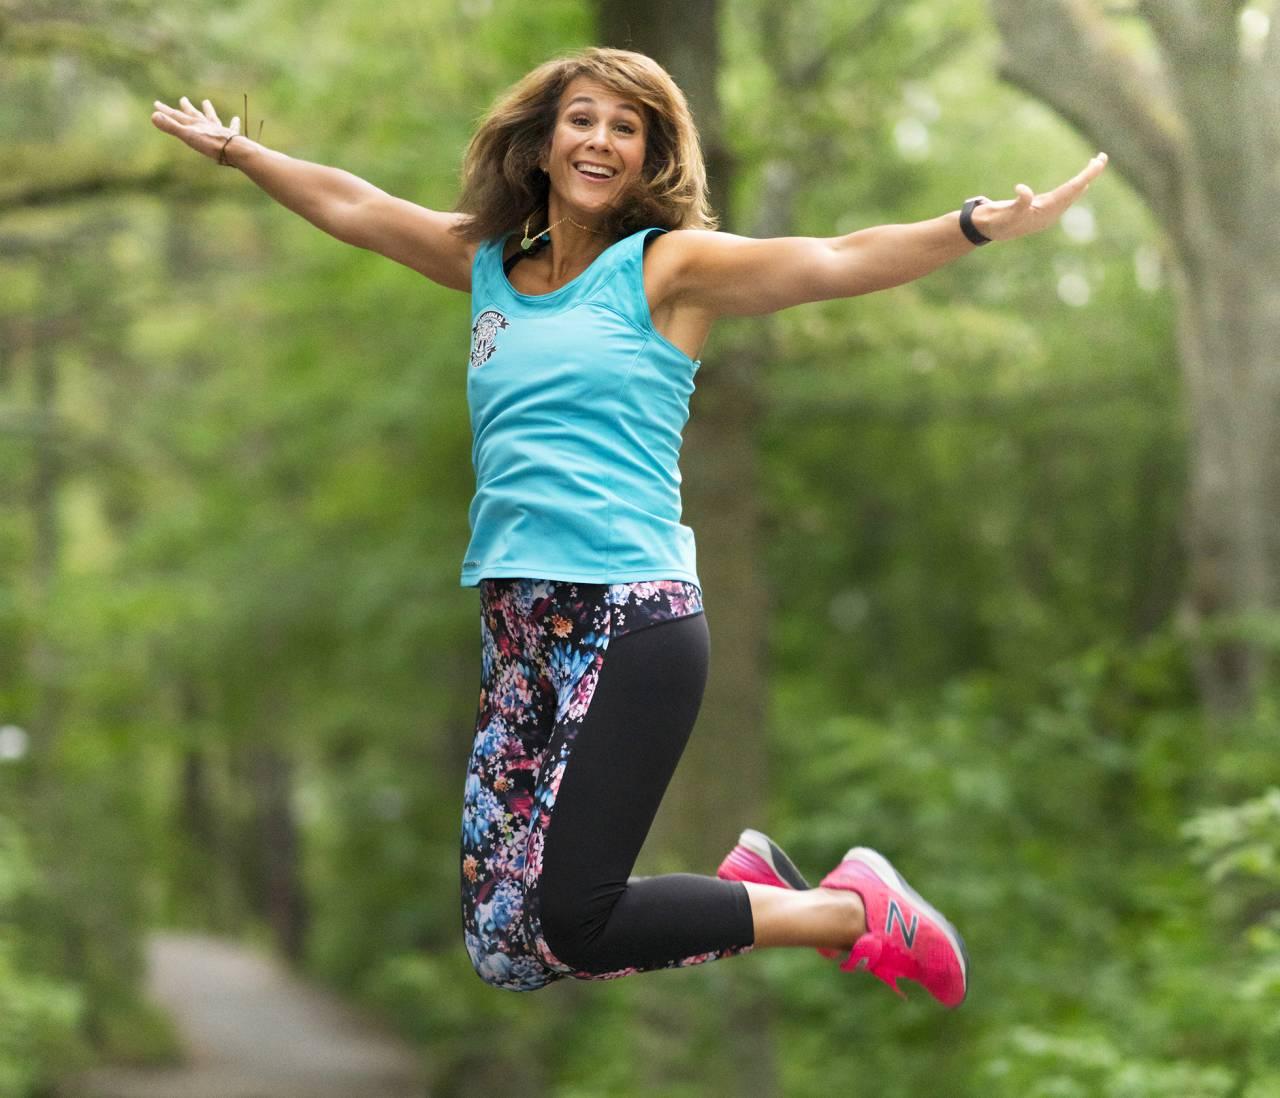 Alexandra Zazzi, som nyligen skilt sig och kämpar med sin sunda livsstil, hoppar av glädje.